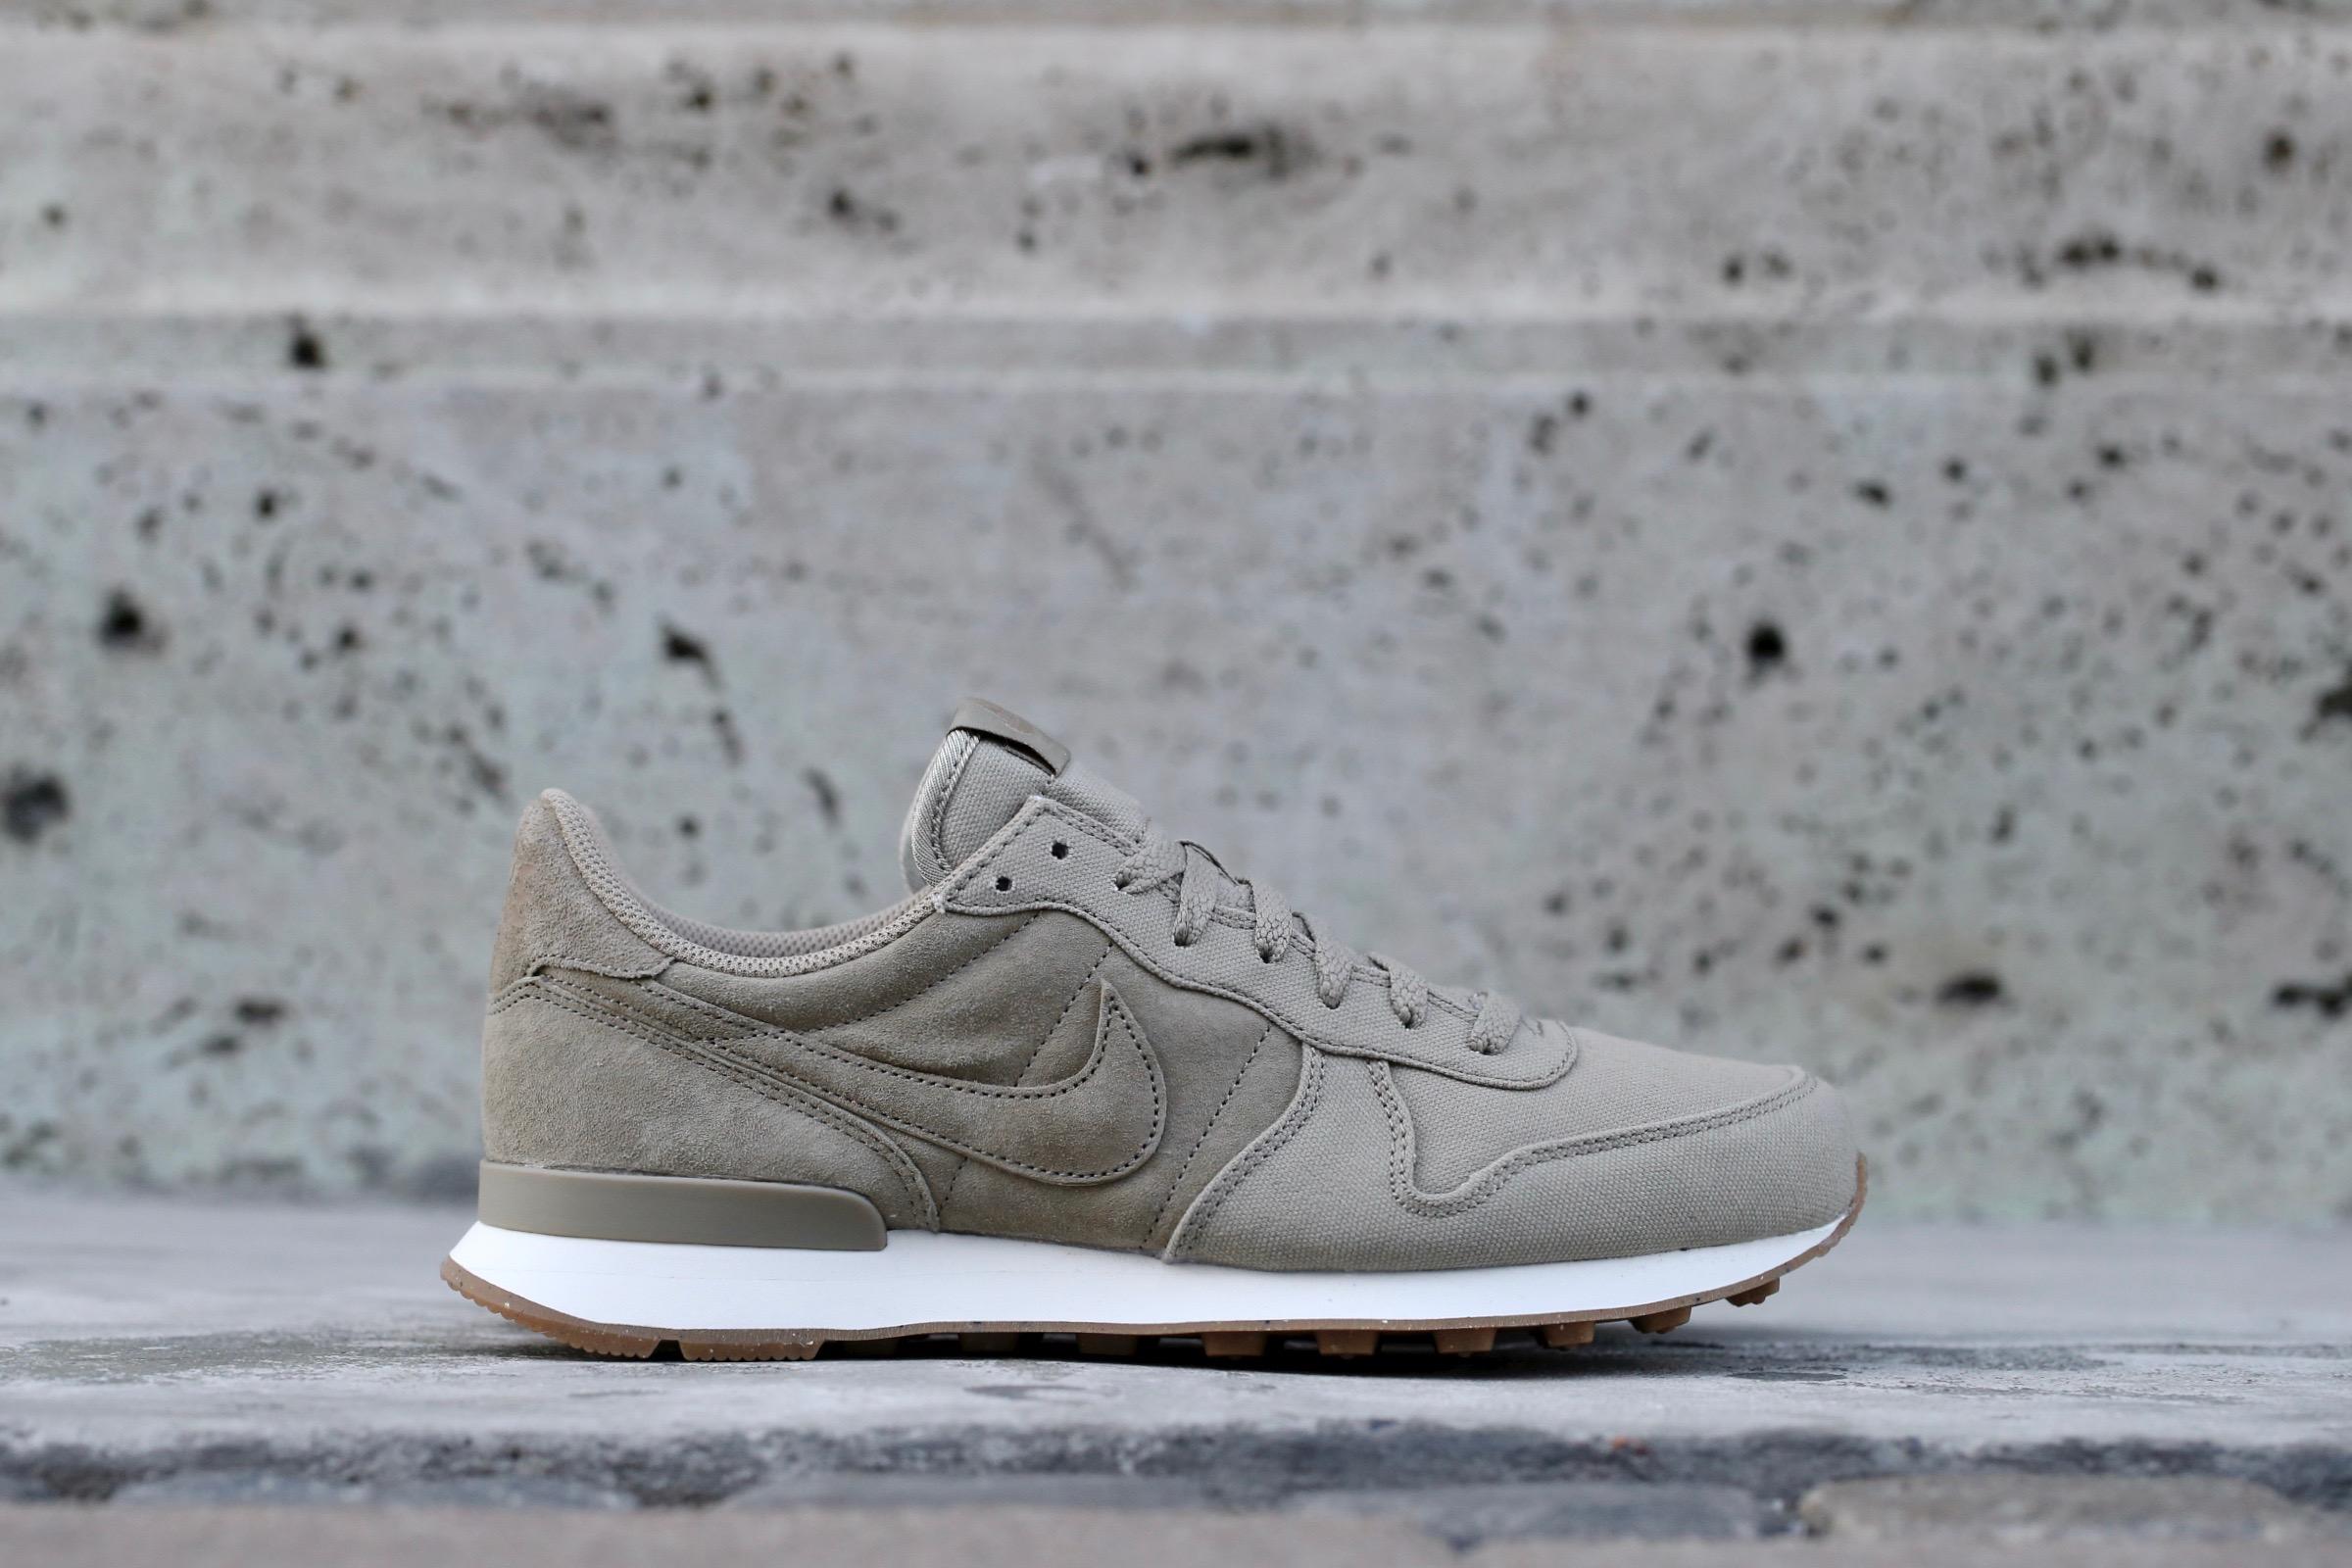 Nike Internationalist Premium – Bamboo Desert Camo Sail